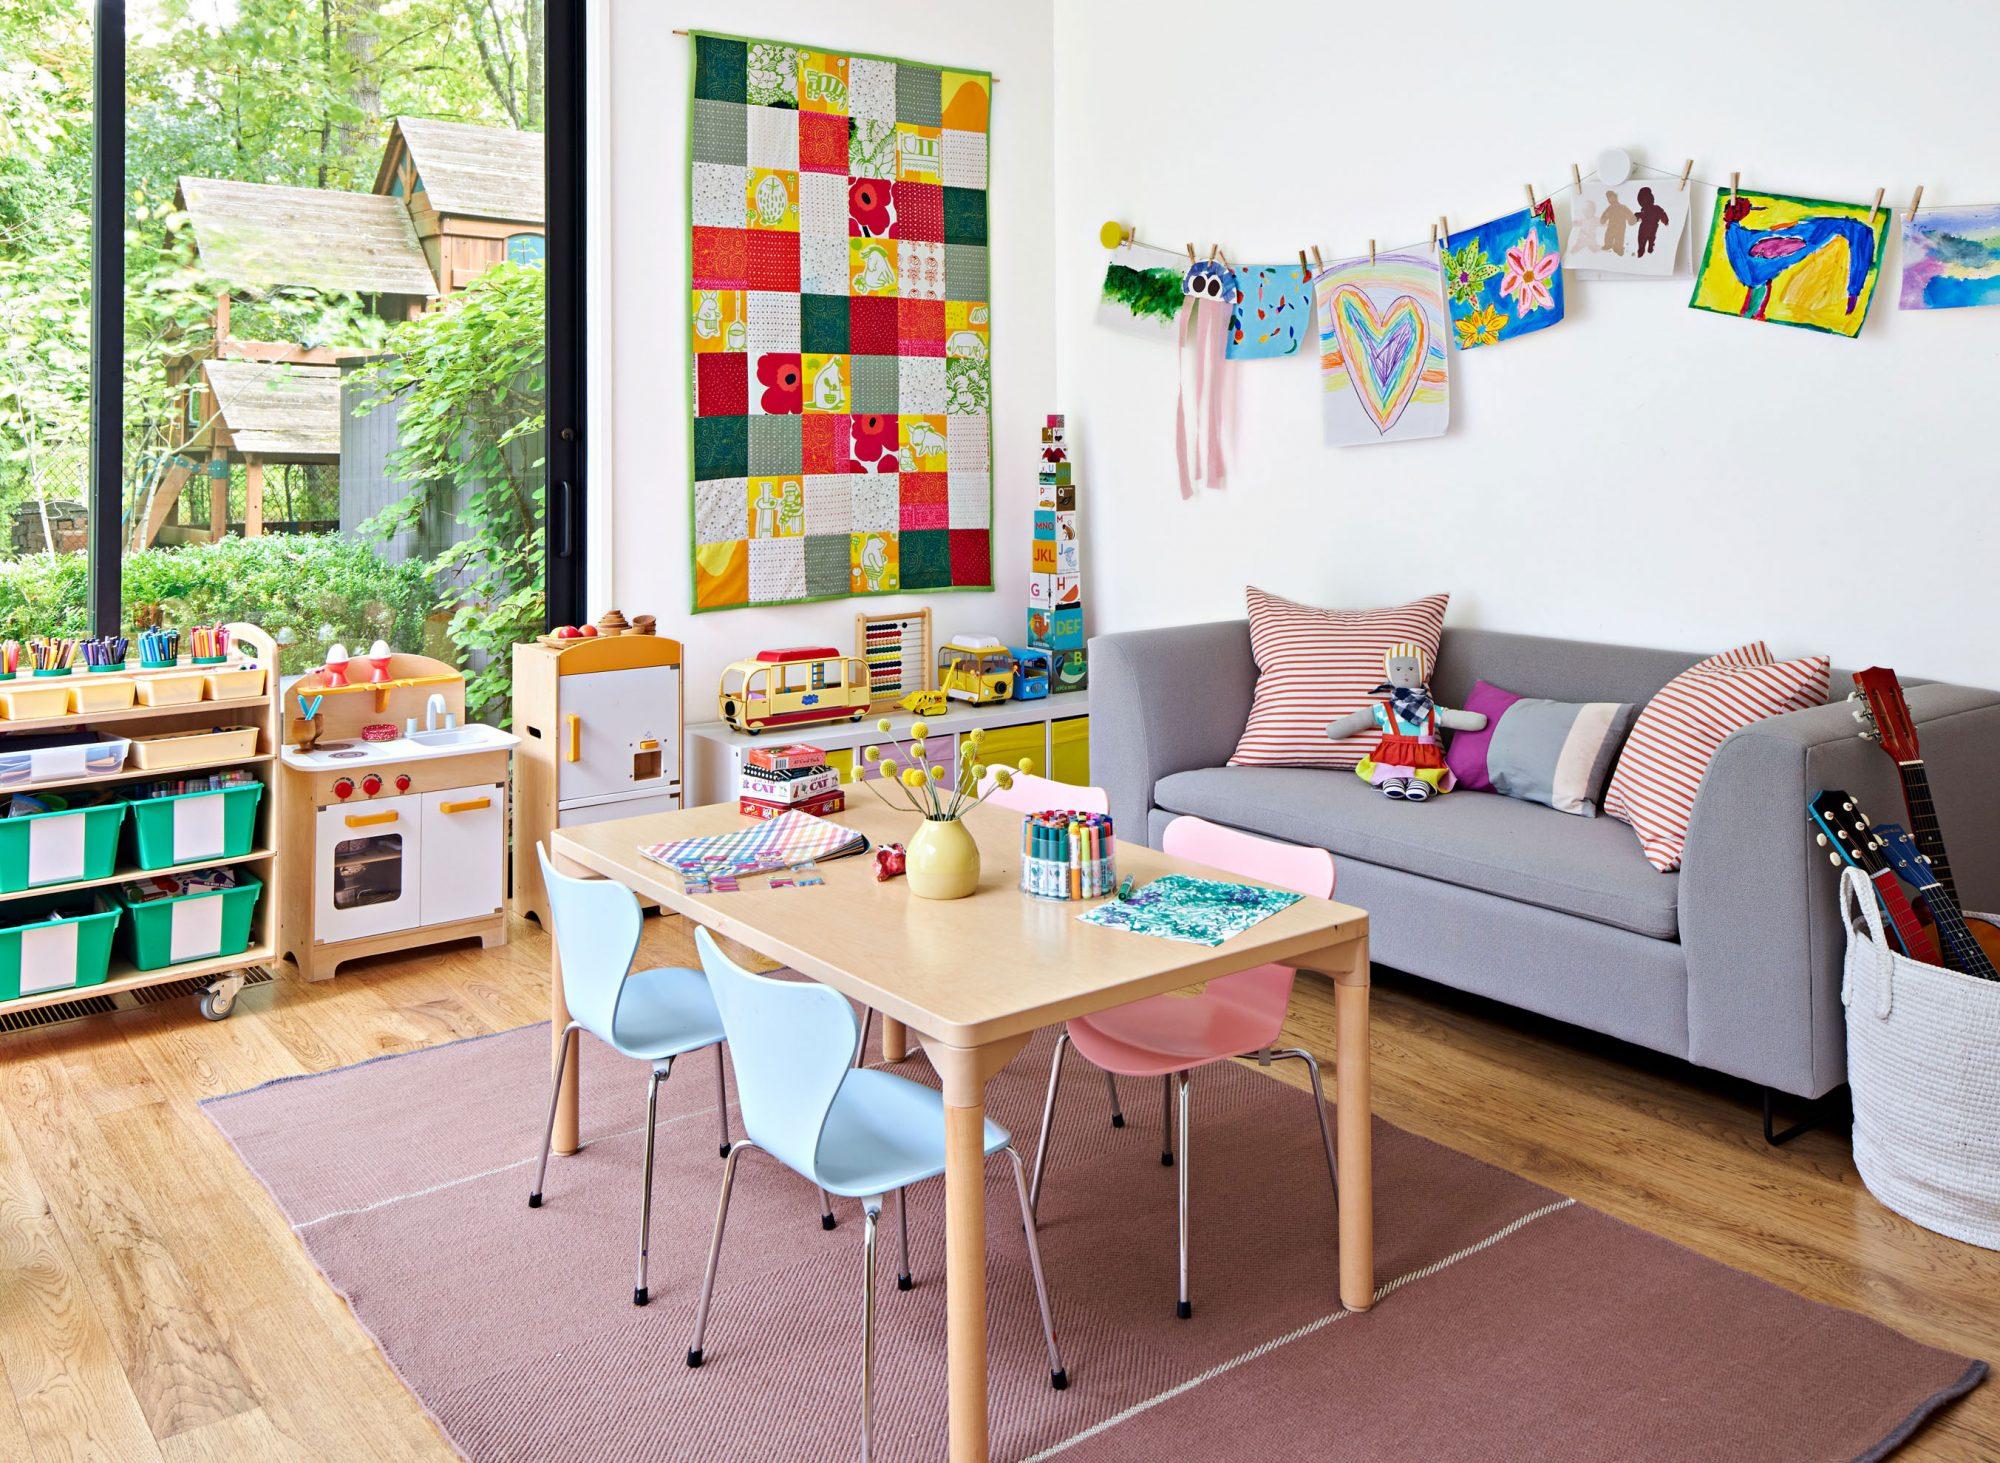 Segal playroom